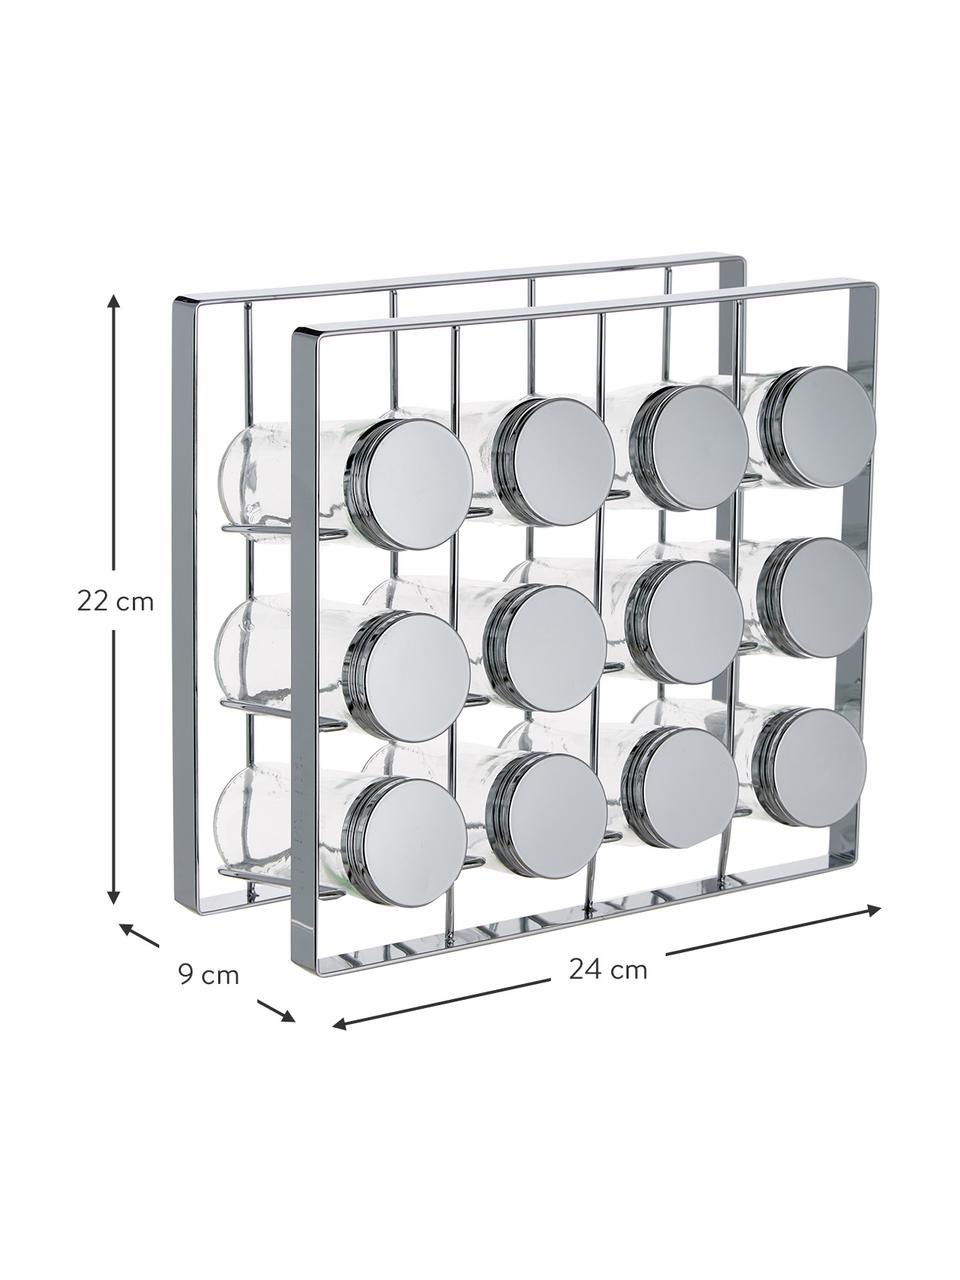 Gewürzregal Spices mit Aufbewahrungsdosen B 24 x H 22 cm, 13-tlg., Gestell: Metall, lackiert, Dosen: Glas, Deckel: Aluminium, lackiert, Silberfarben, 24 x 22 cm